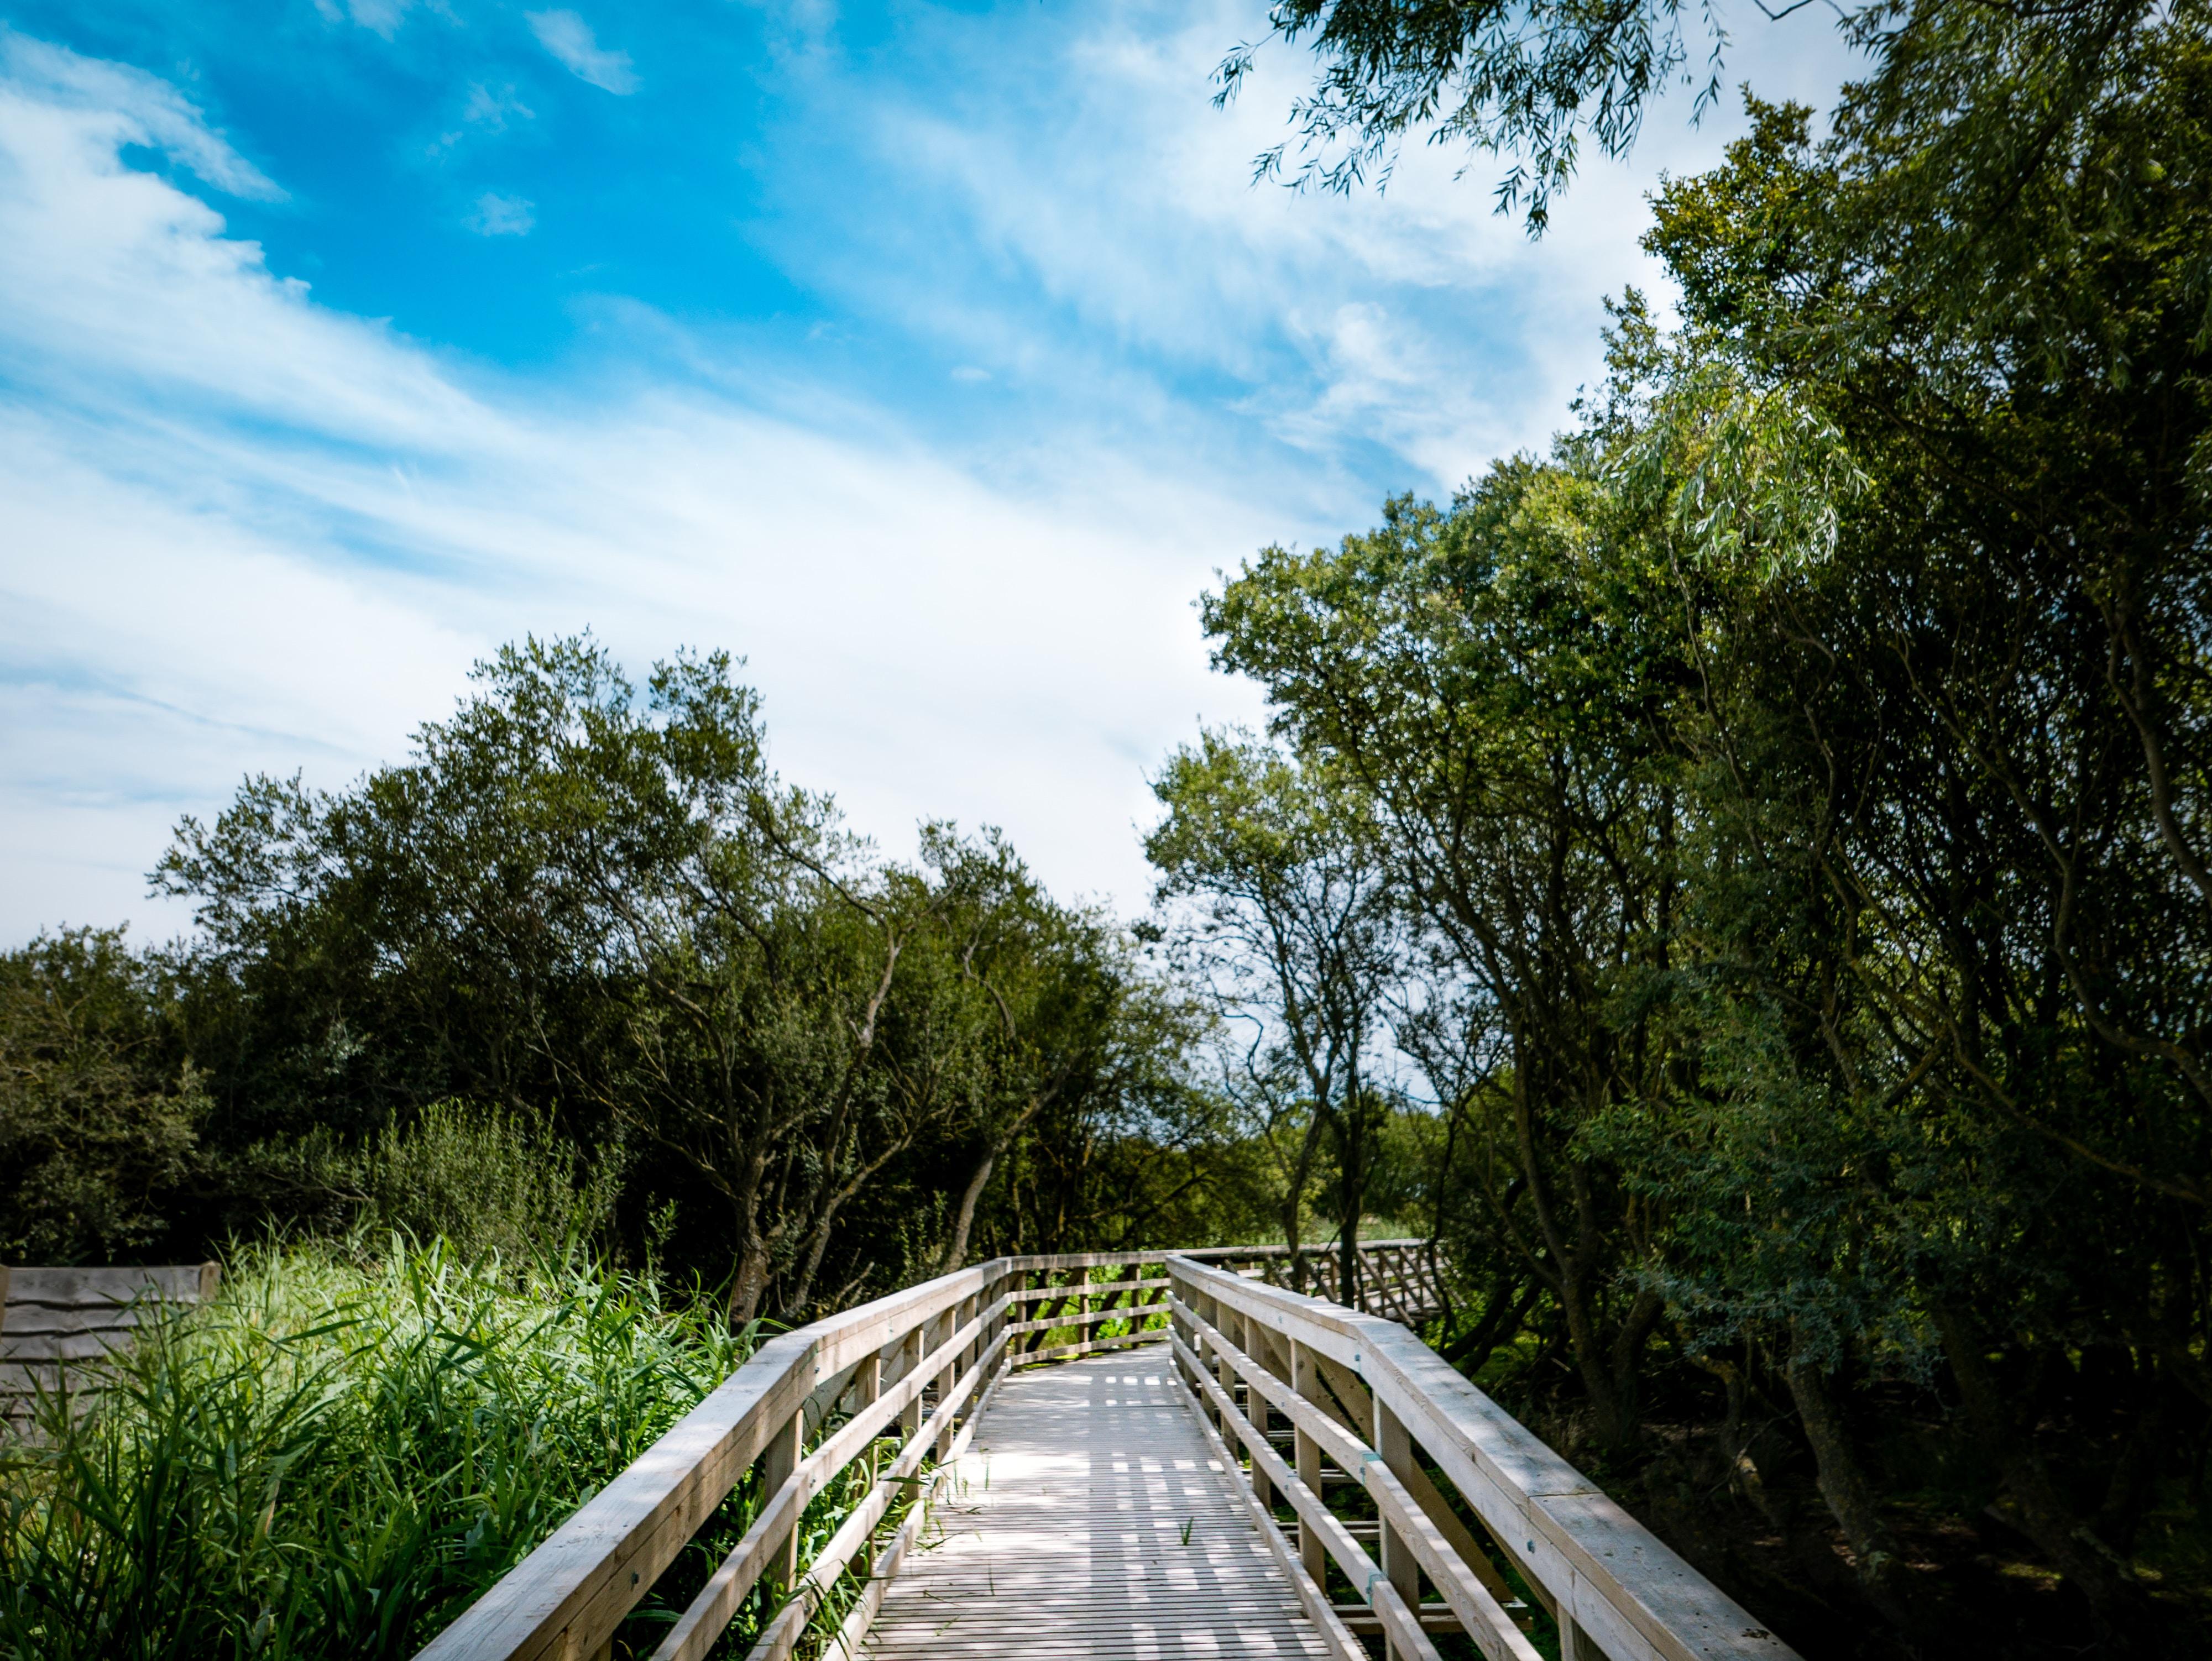 beige wooden bridge on between trees